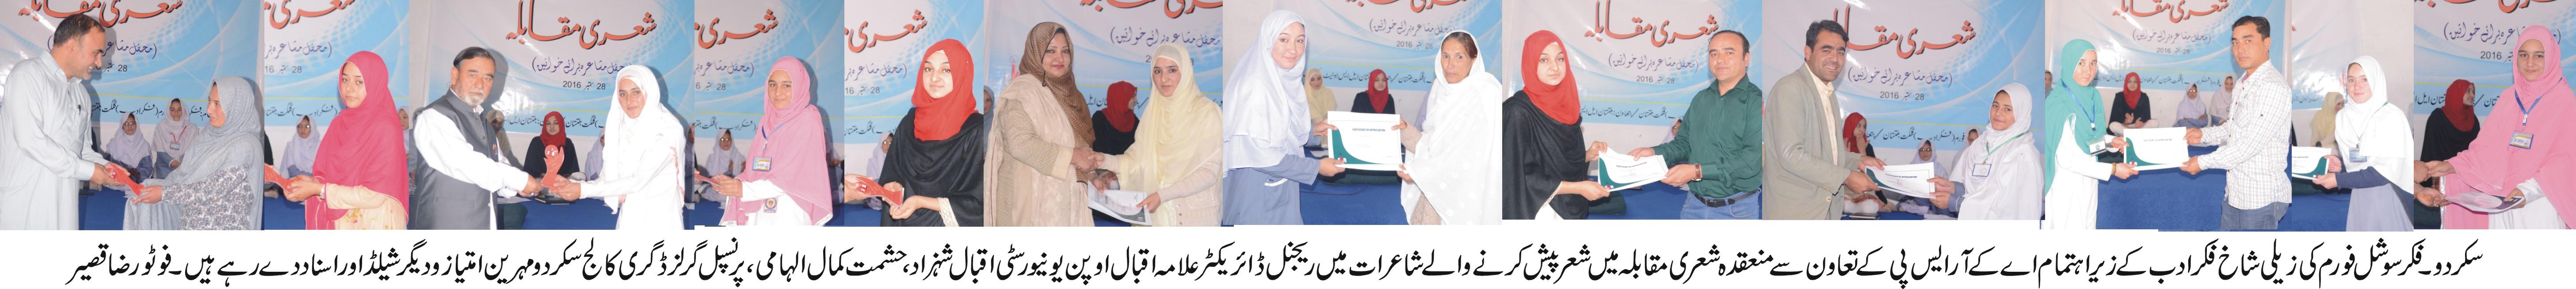 فکر سوشل فورام کے زیر اہتمام سکردو میں مختلف سکولوں کی طالبات کے درمیان شعری مقابلہ منعقد